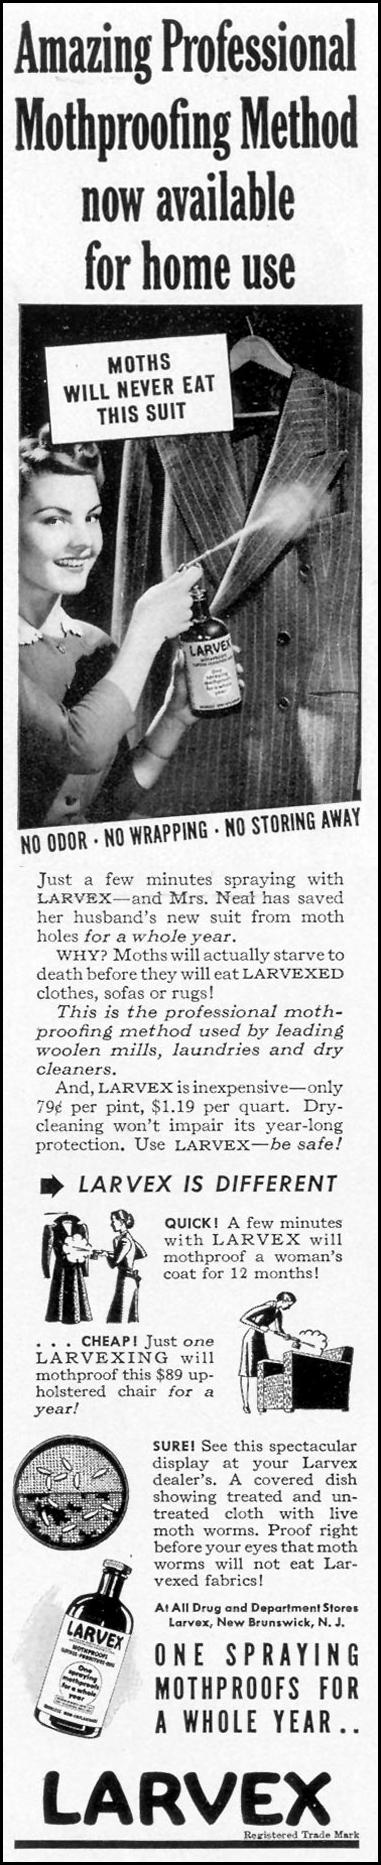 LARVEX MOTHPROOFER LIFE 06/01/1942 p. 68